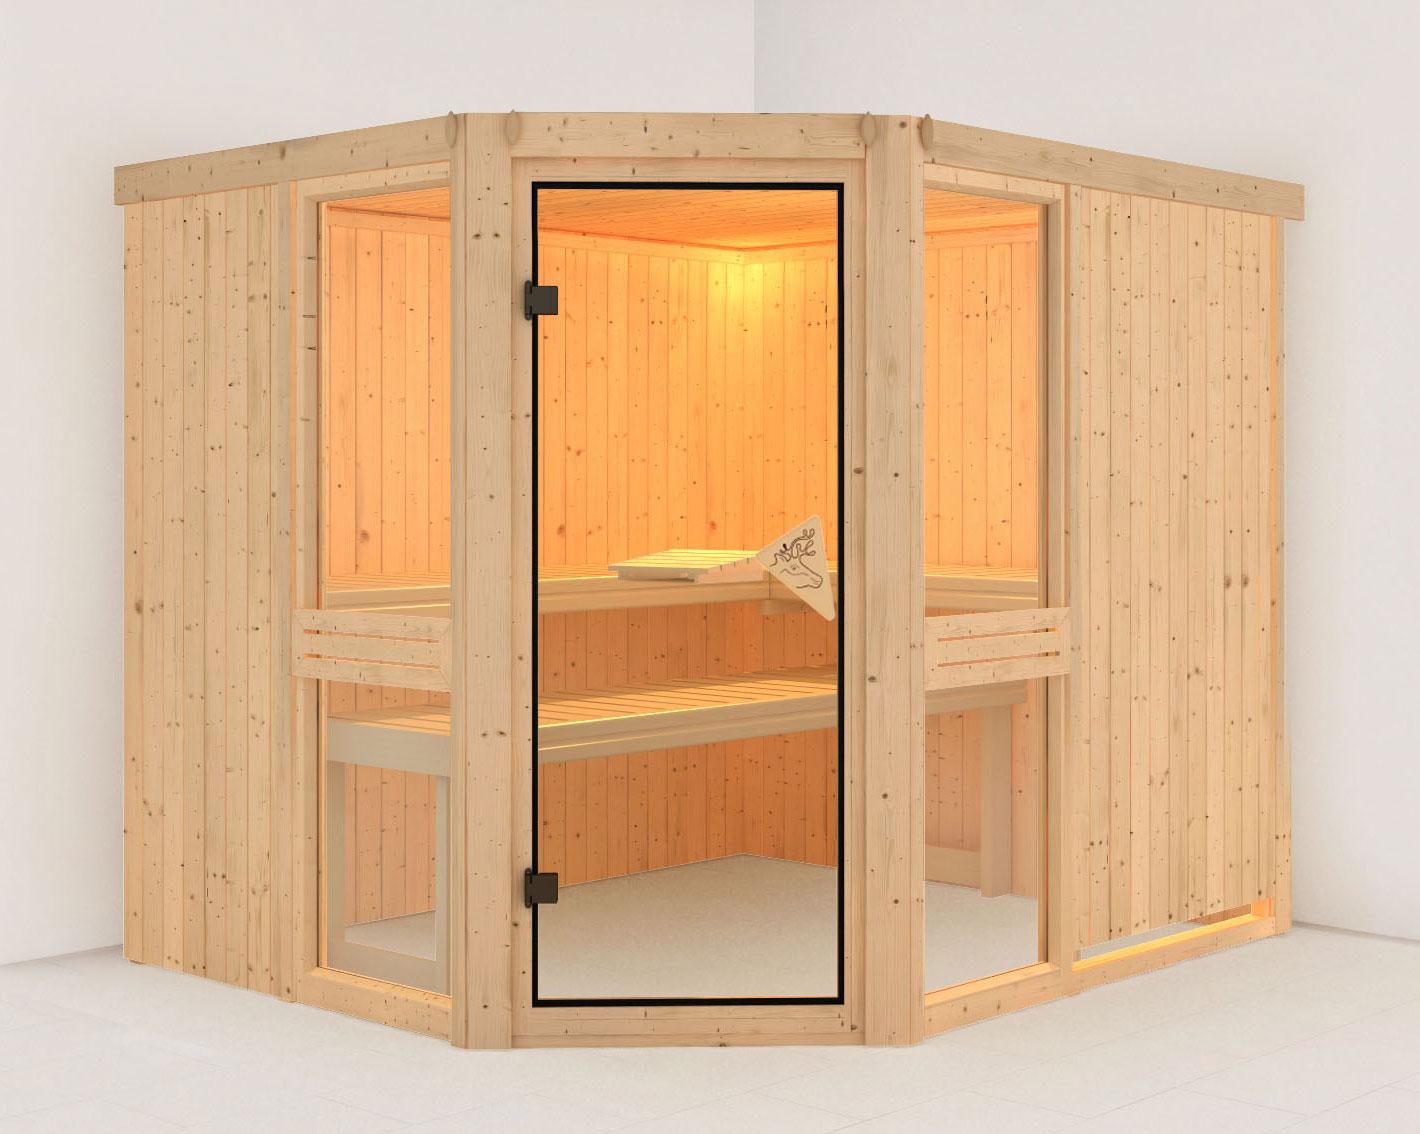 Karibu Sauna Amelia 3 68mm ohne Ofen classic Tür Bild 1